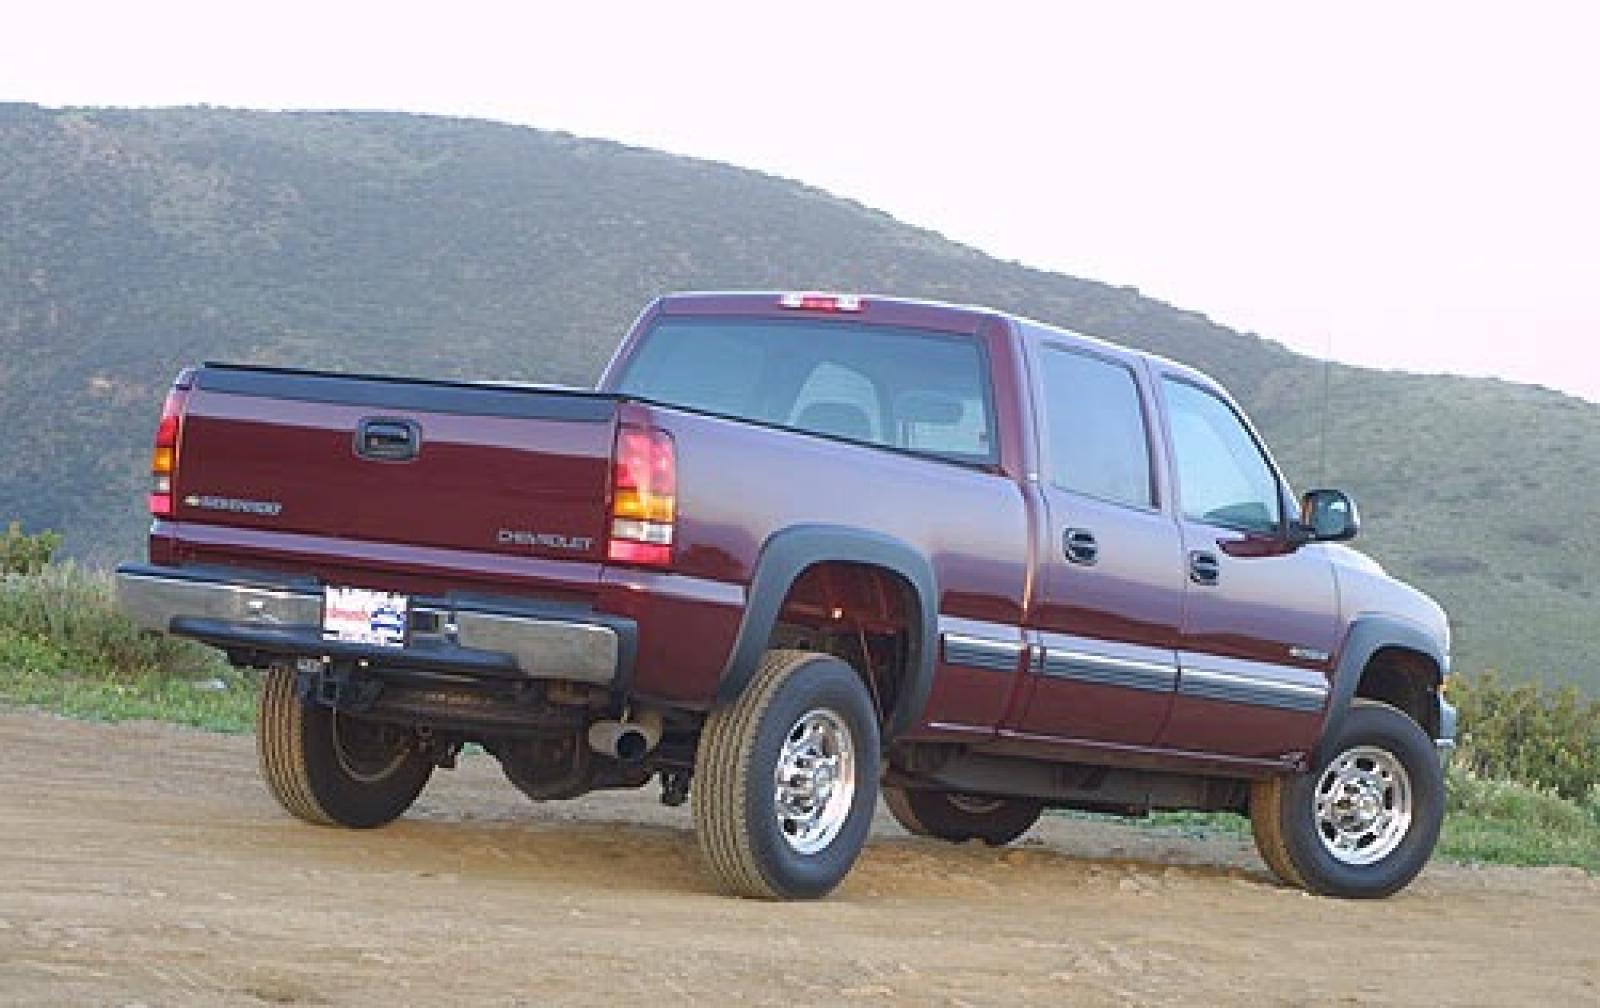 2002 chevrolet silverado 2500hd 5 2001 chevrolet silverado exterior 5 800 1024 1280 1600 origin